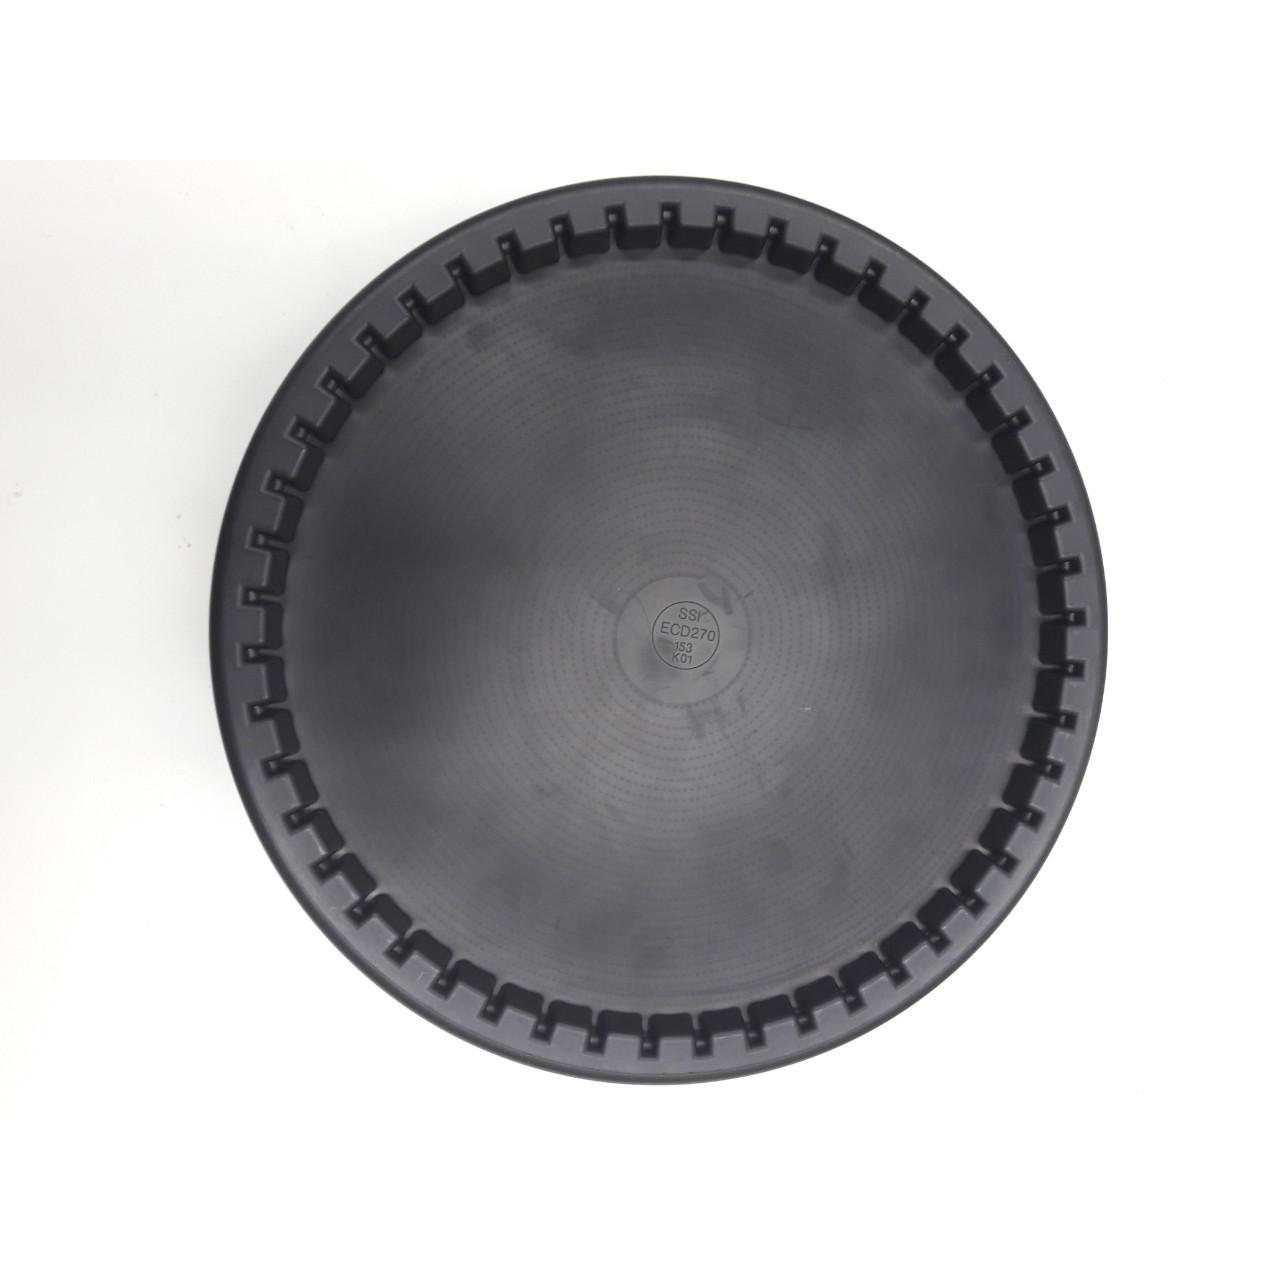 Đĩa phân phối khí SSI ECD 270